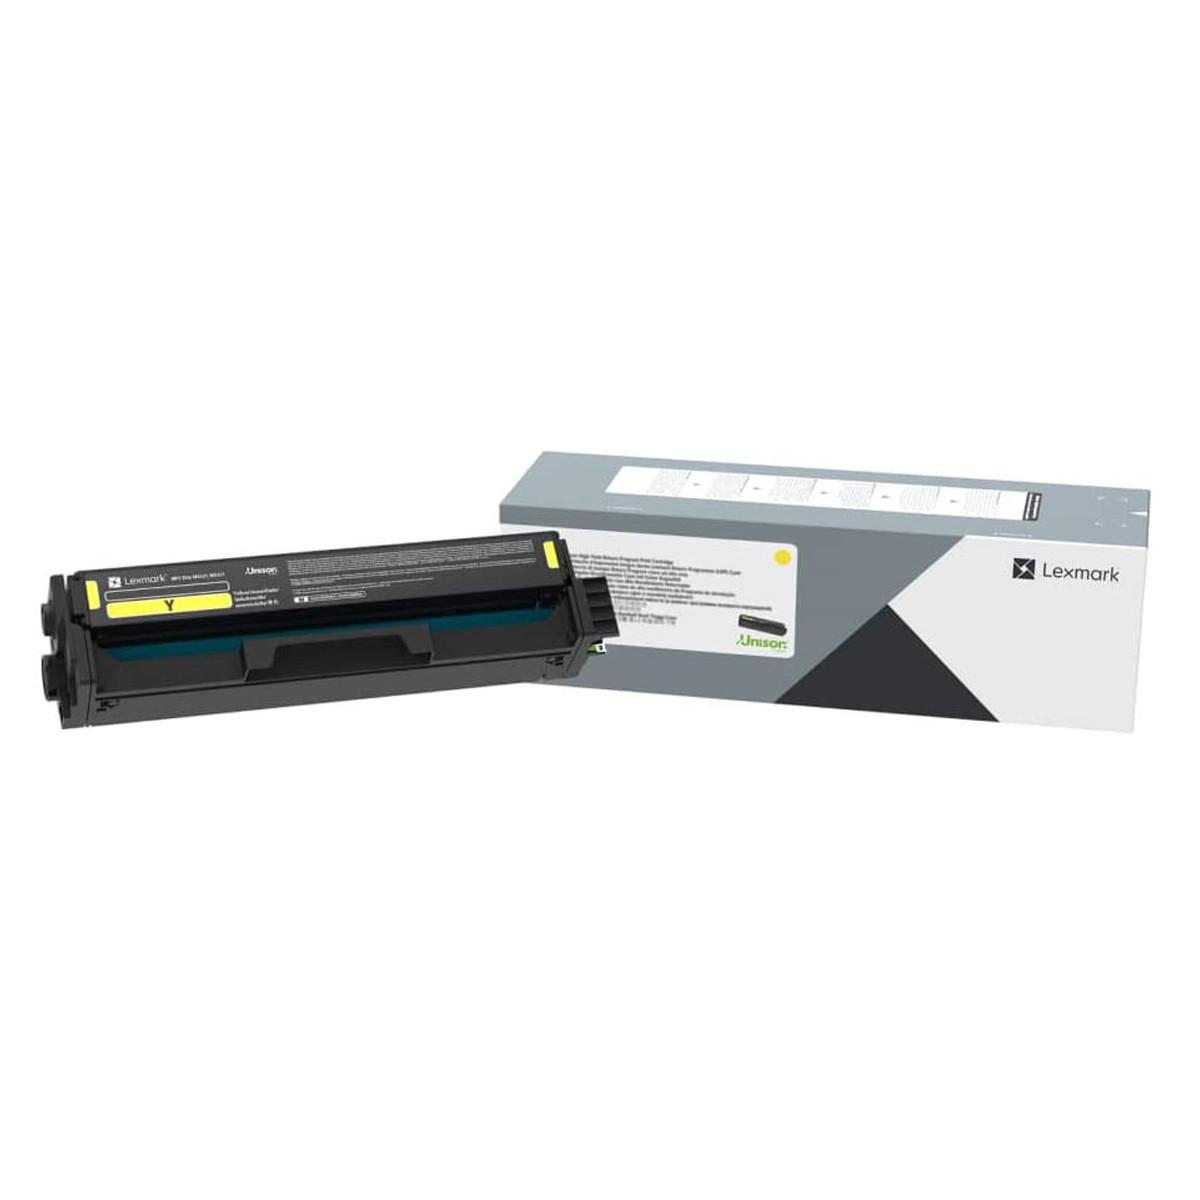 Toner Lexmark C320040 C3200 C3240Y0 Amarelo   MC3224ADWE MC3224 C3224DW C3224   Original 1.5k